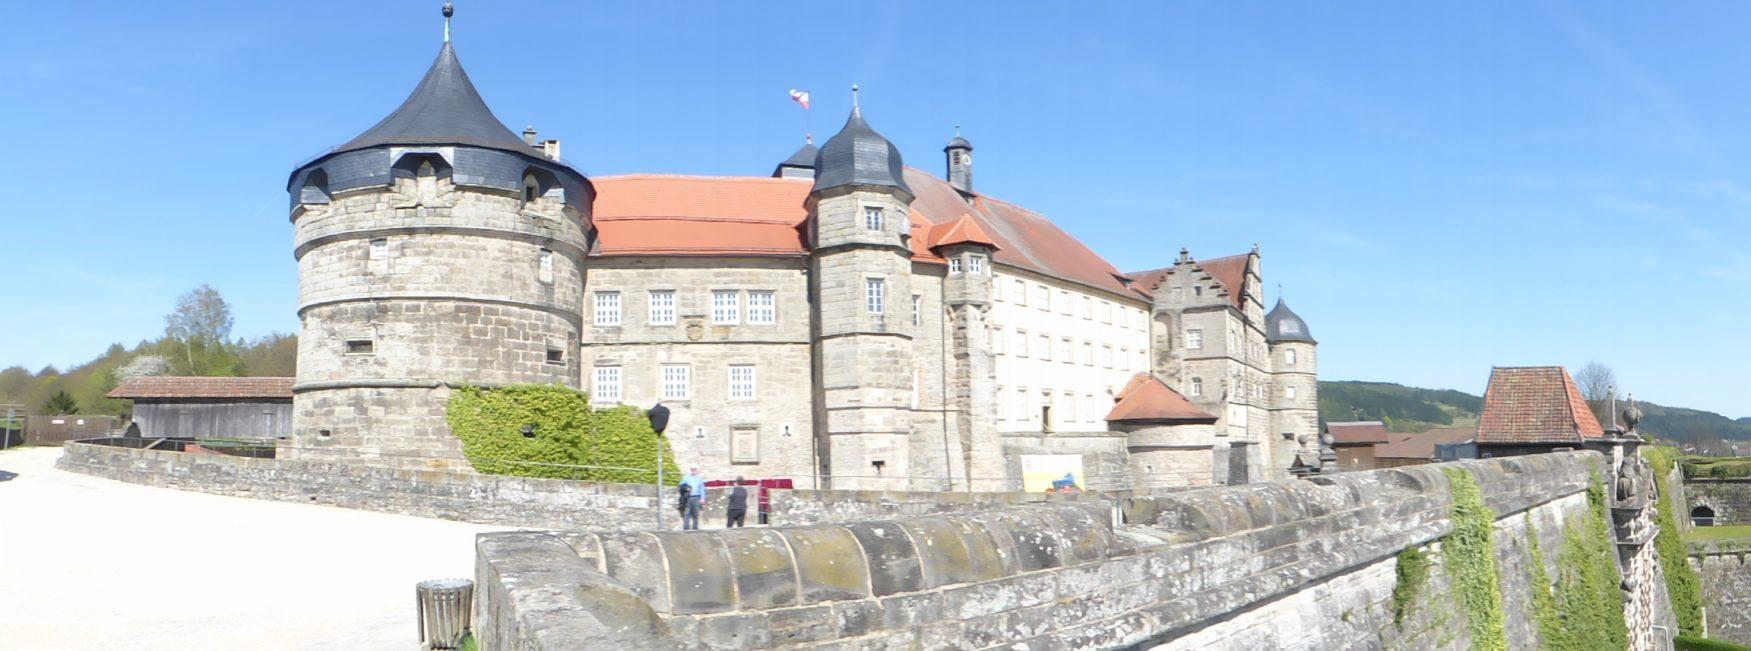 Blick auf die Festung Kronach Foto: D.Weirauch